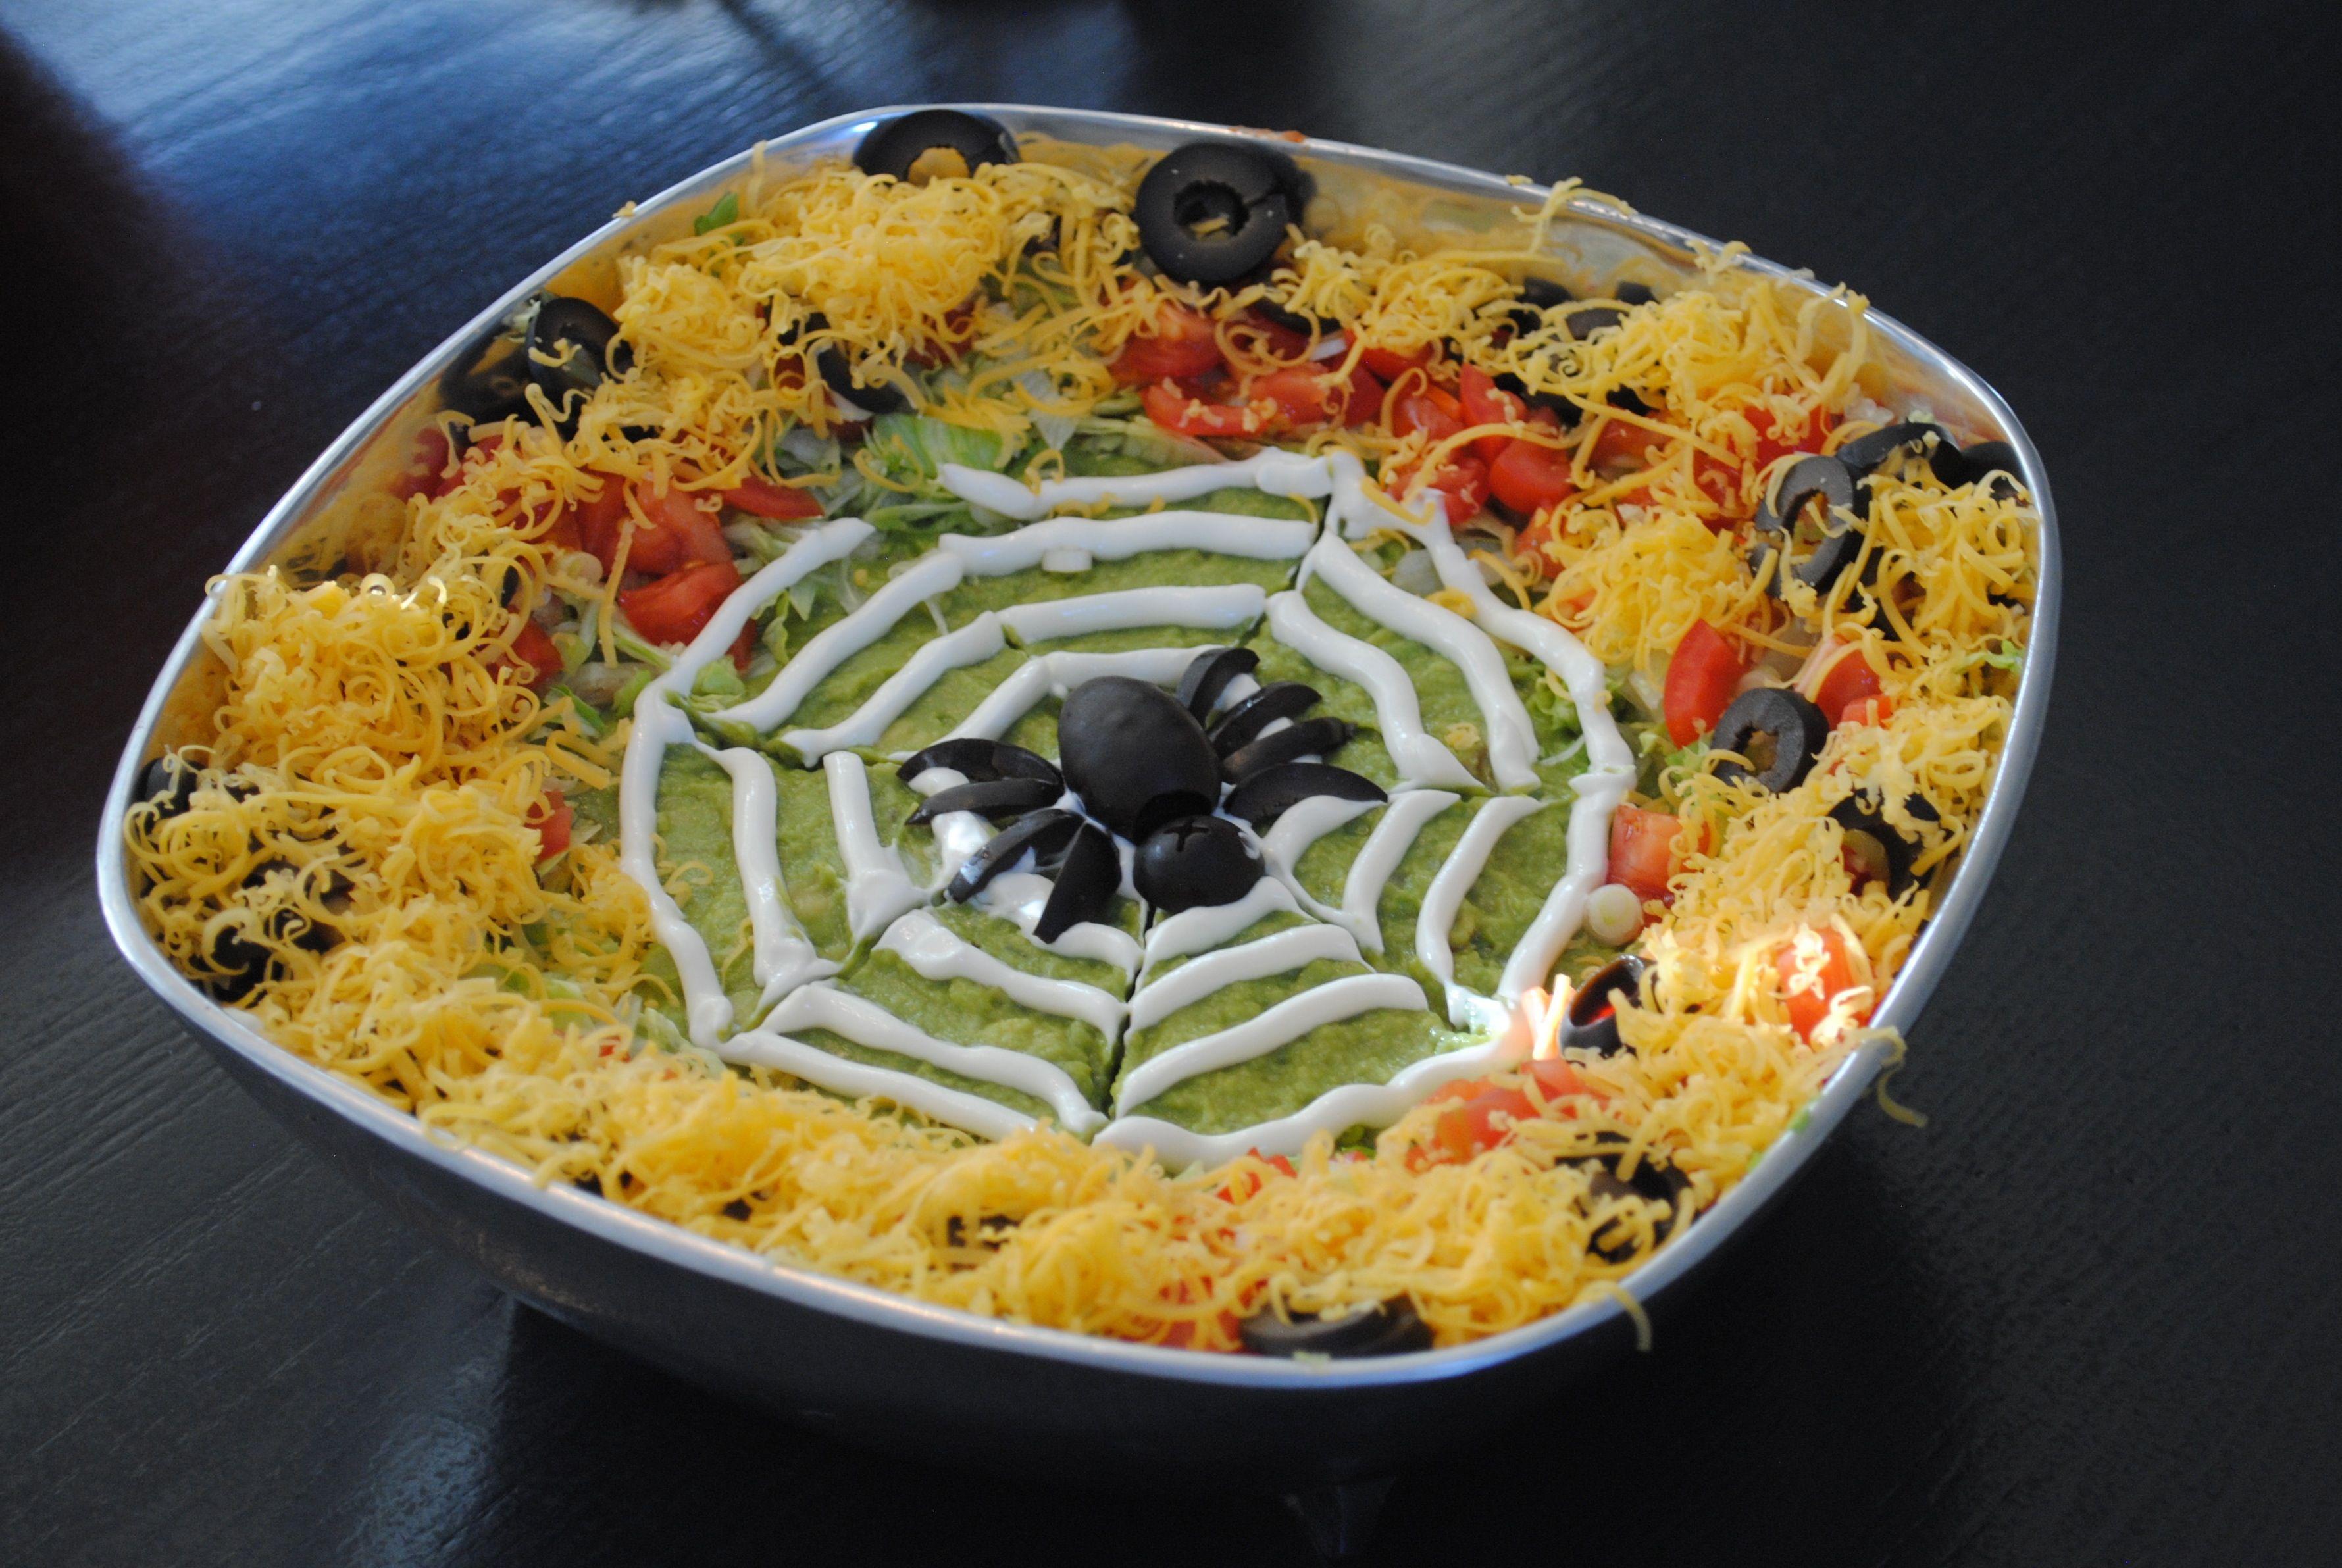 семье фото блюд для хэллоуина компаньон